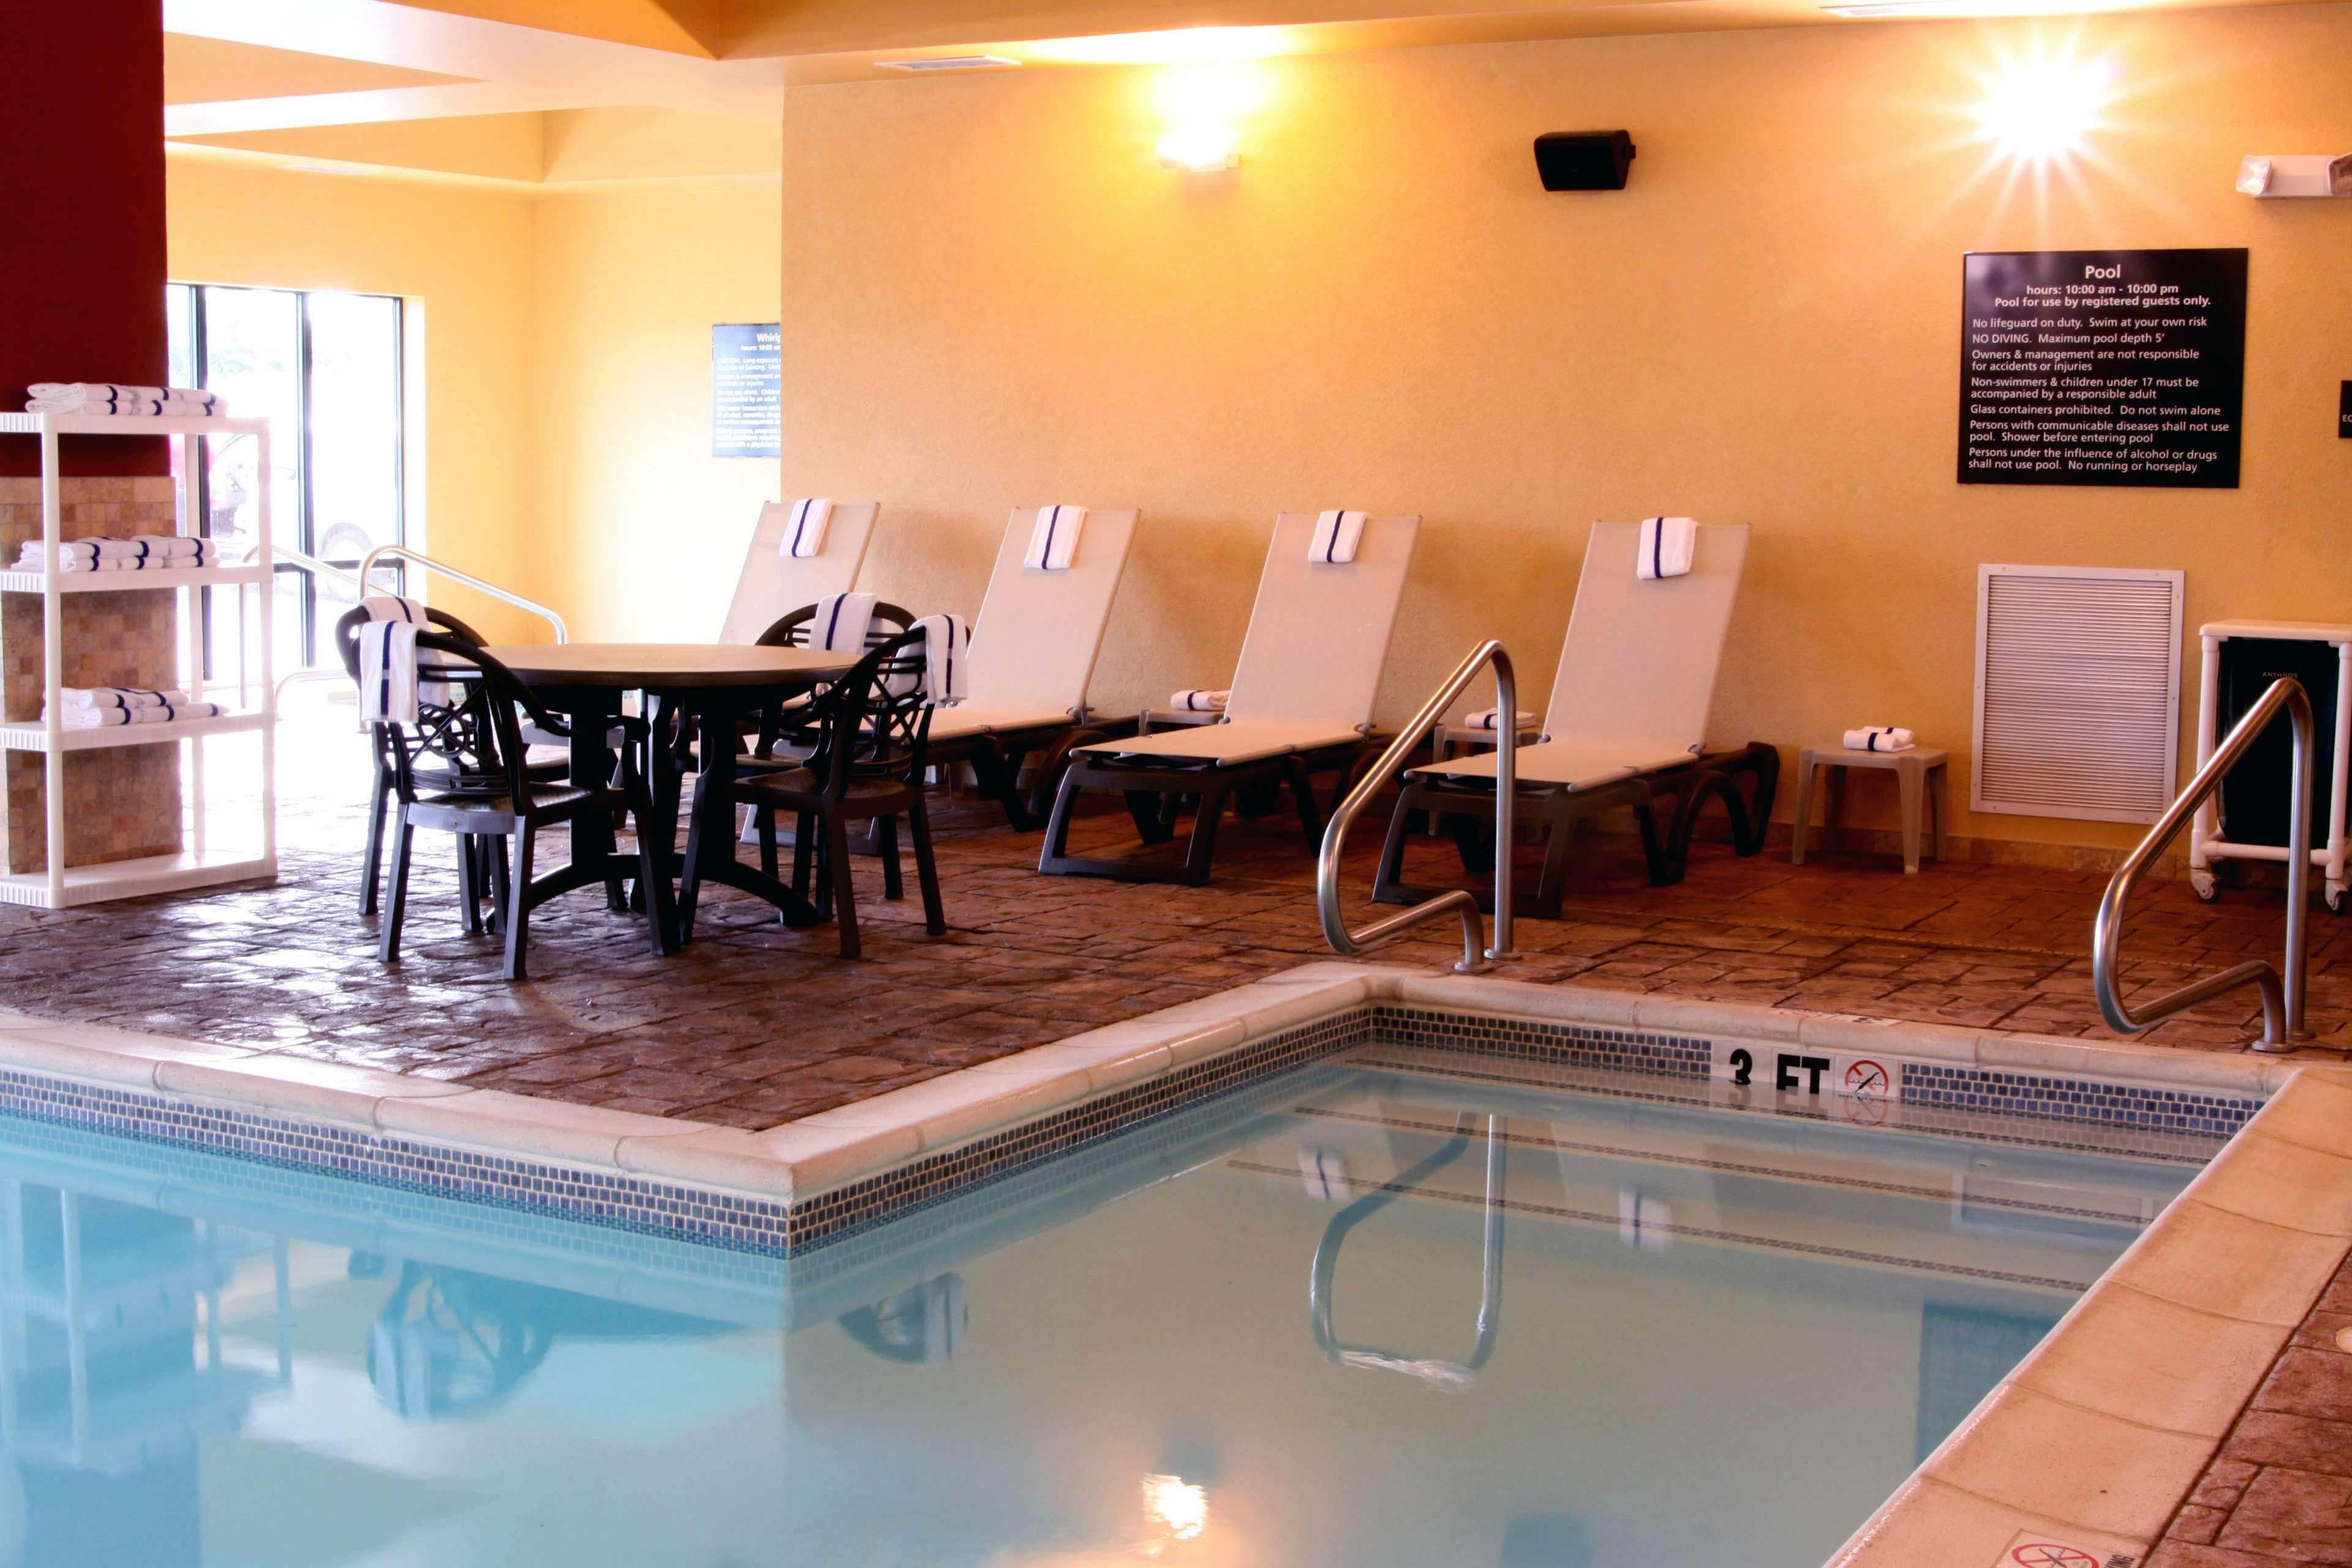 Hampton Inn & Suites Paducah image 7